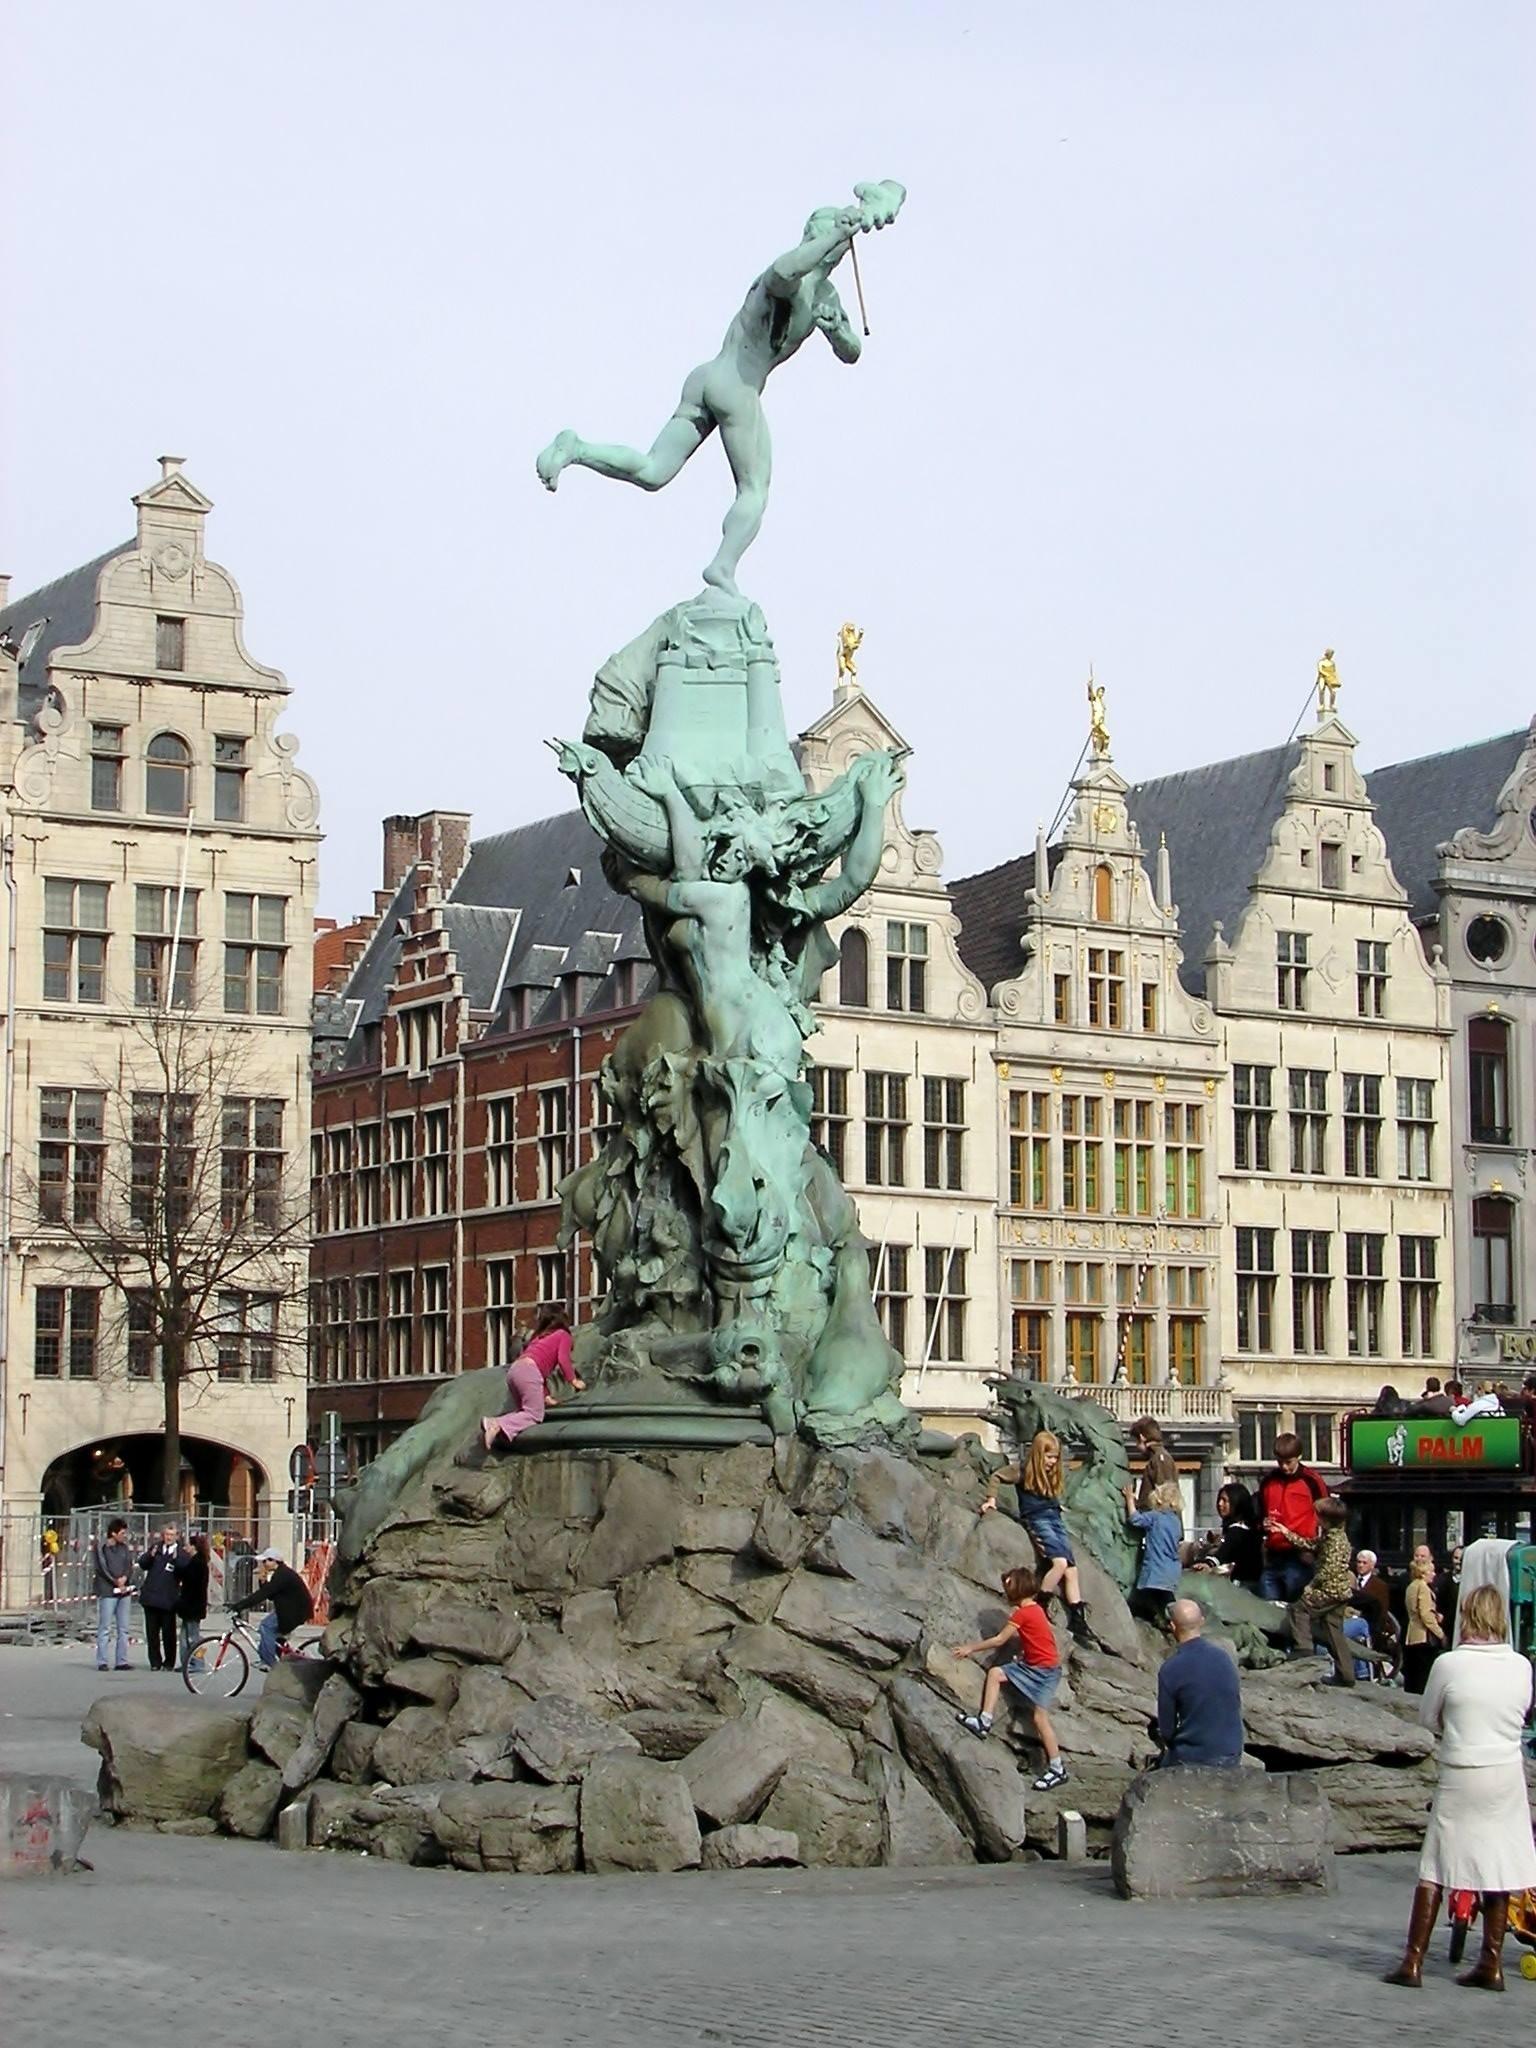 Antwerp, Belgium Brabo Fountain on the Big Market Square by Rosario Di Rubbo